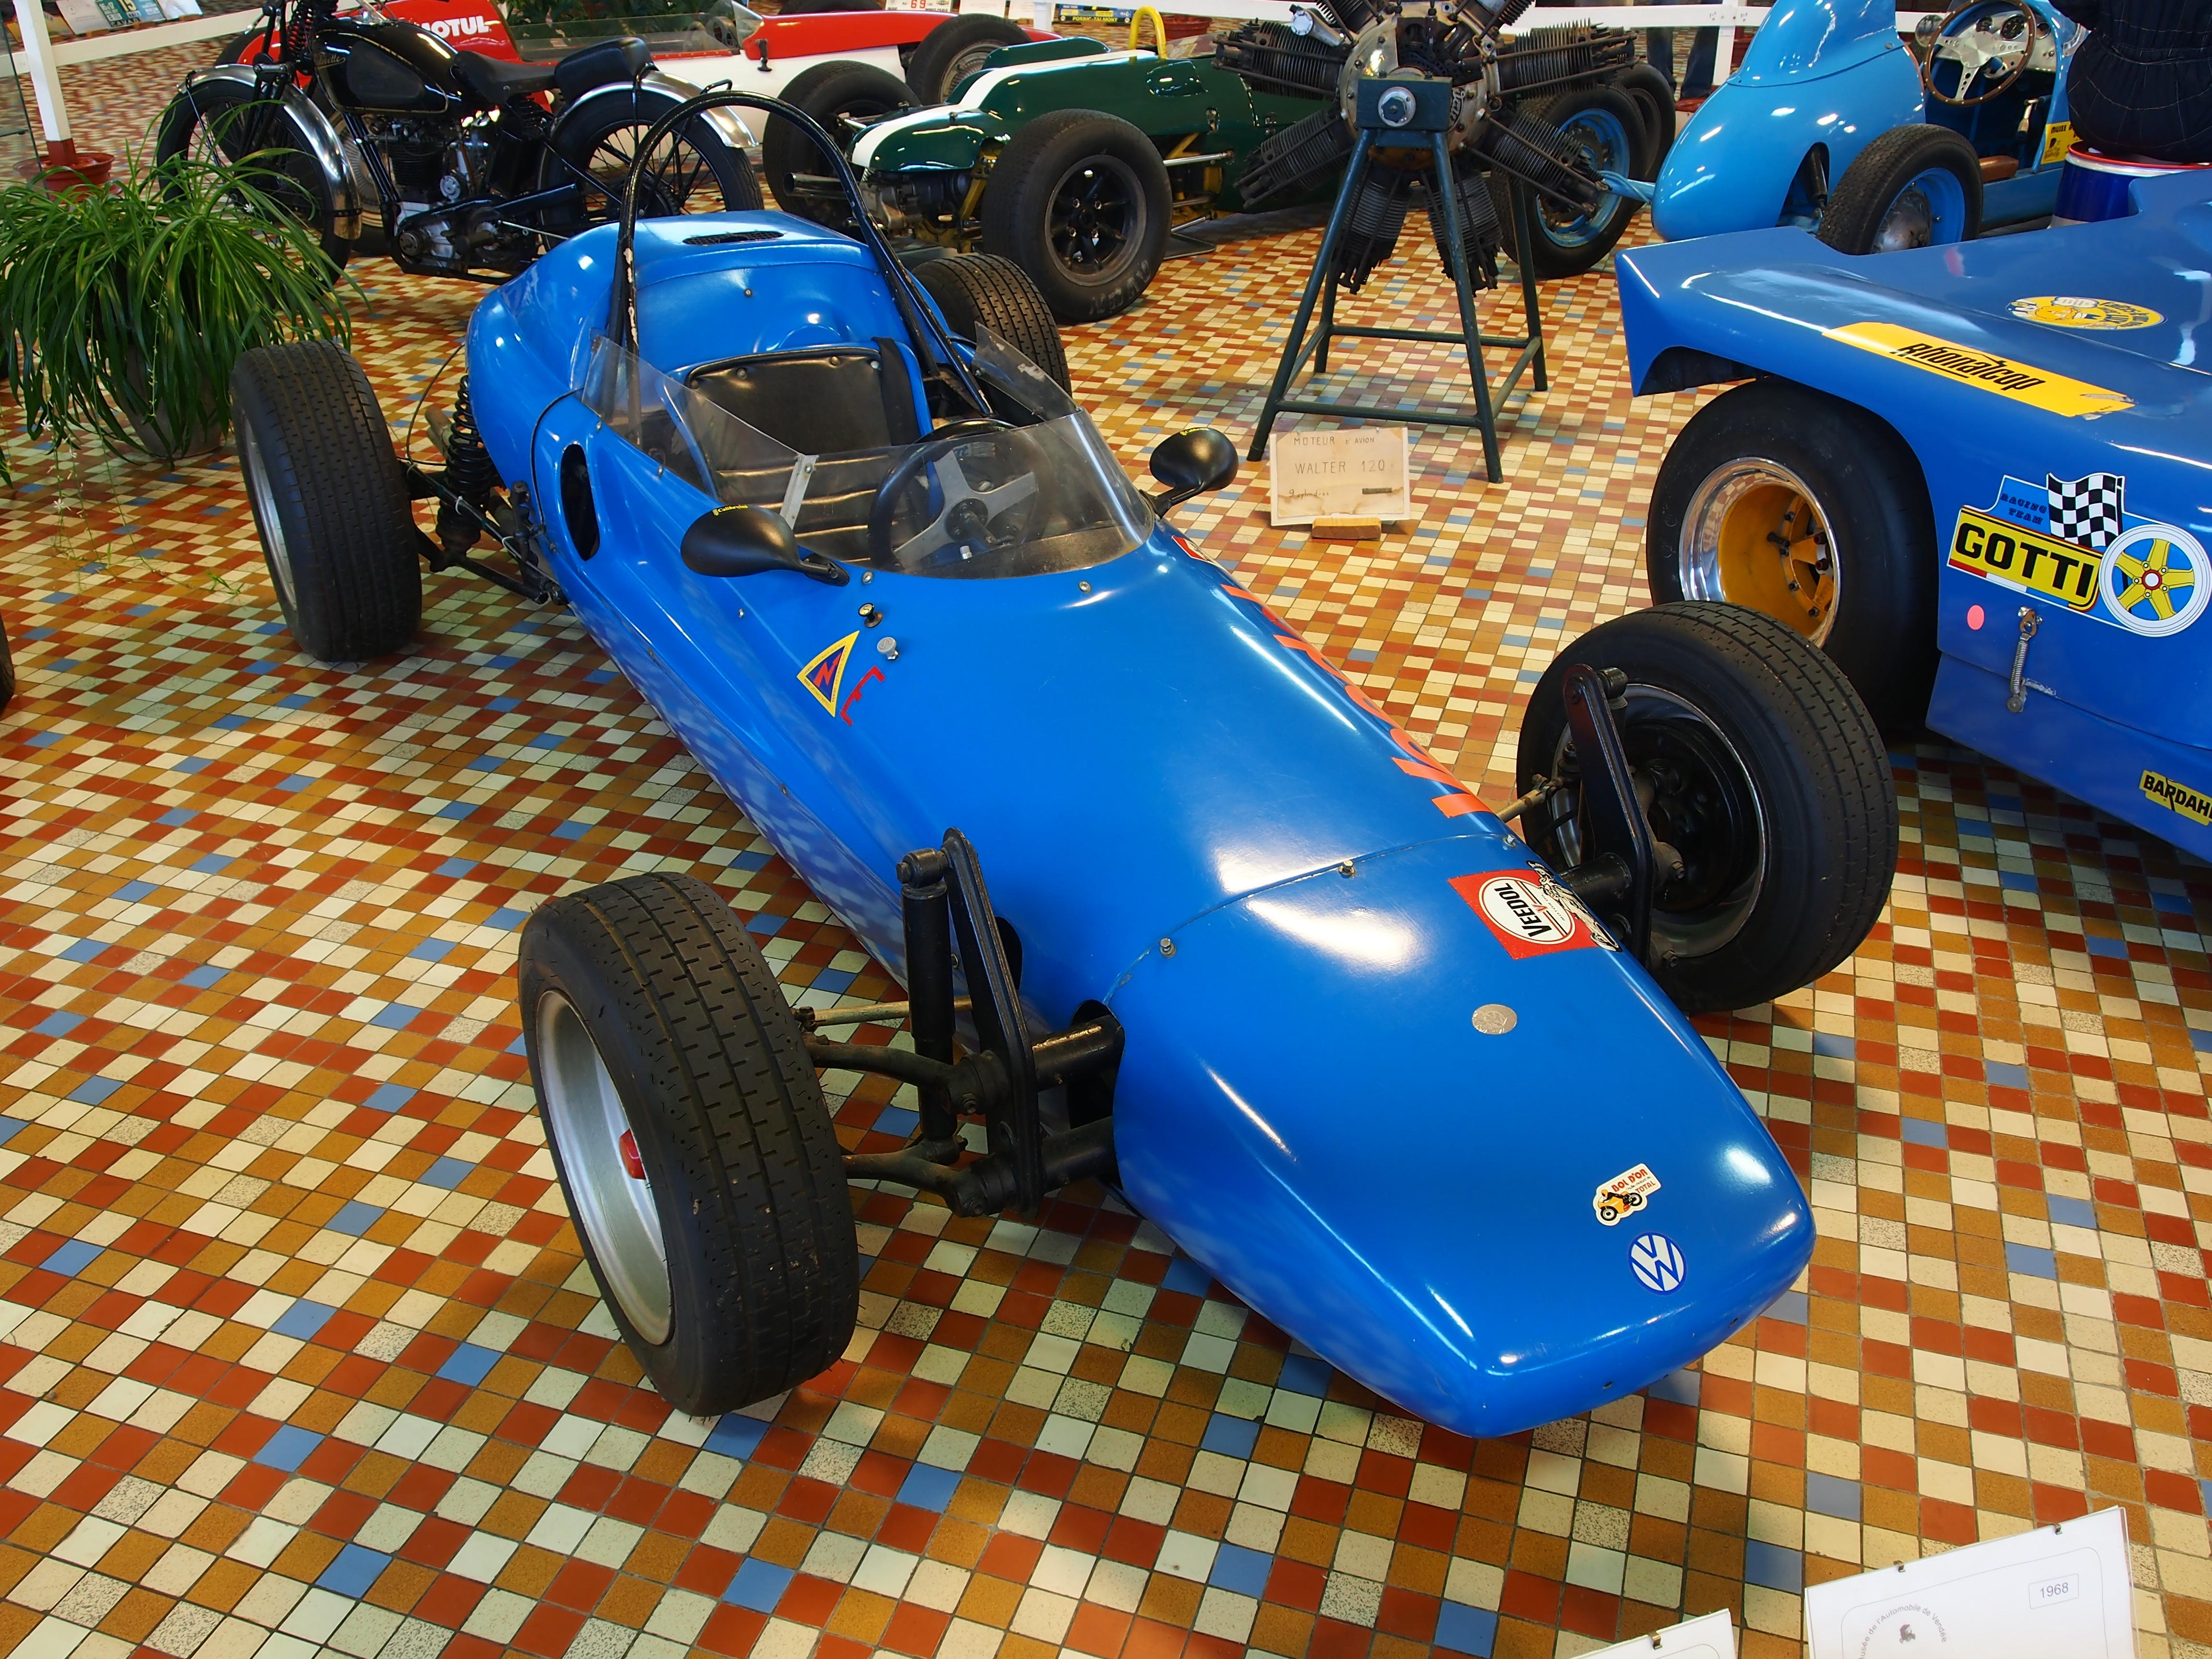 File:1968 Bora, Fiat 4cyl Volkswagen engine Formula 5, at the Musée Automobile de Vendée pic-3 ...